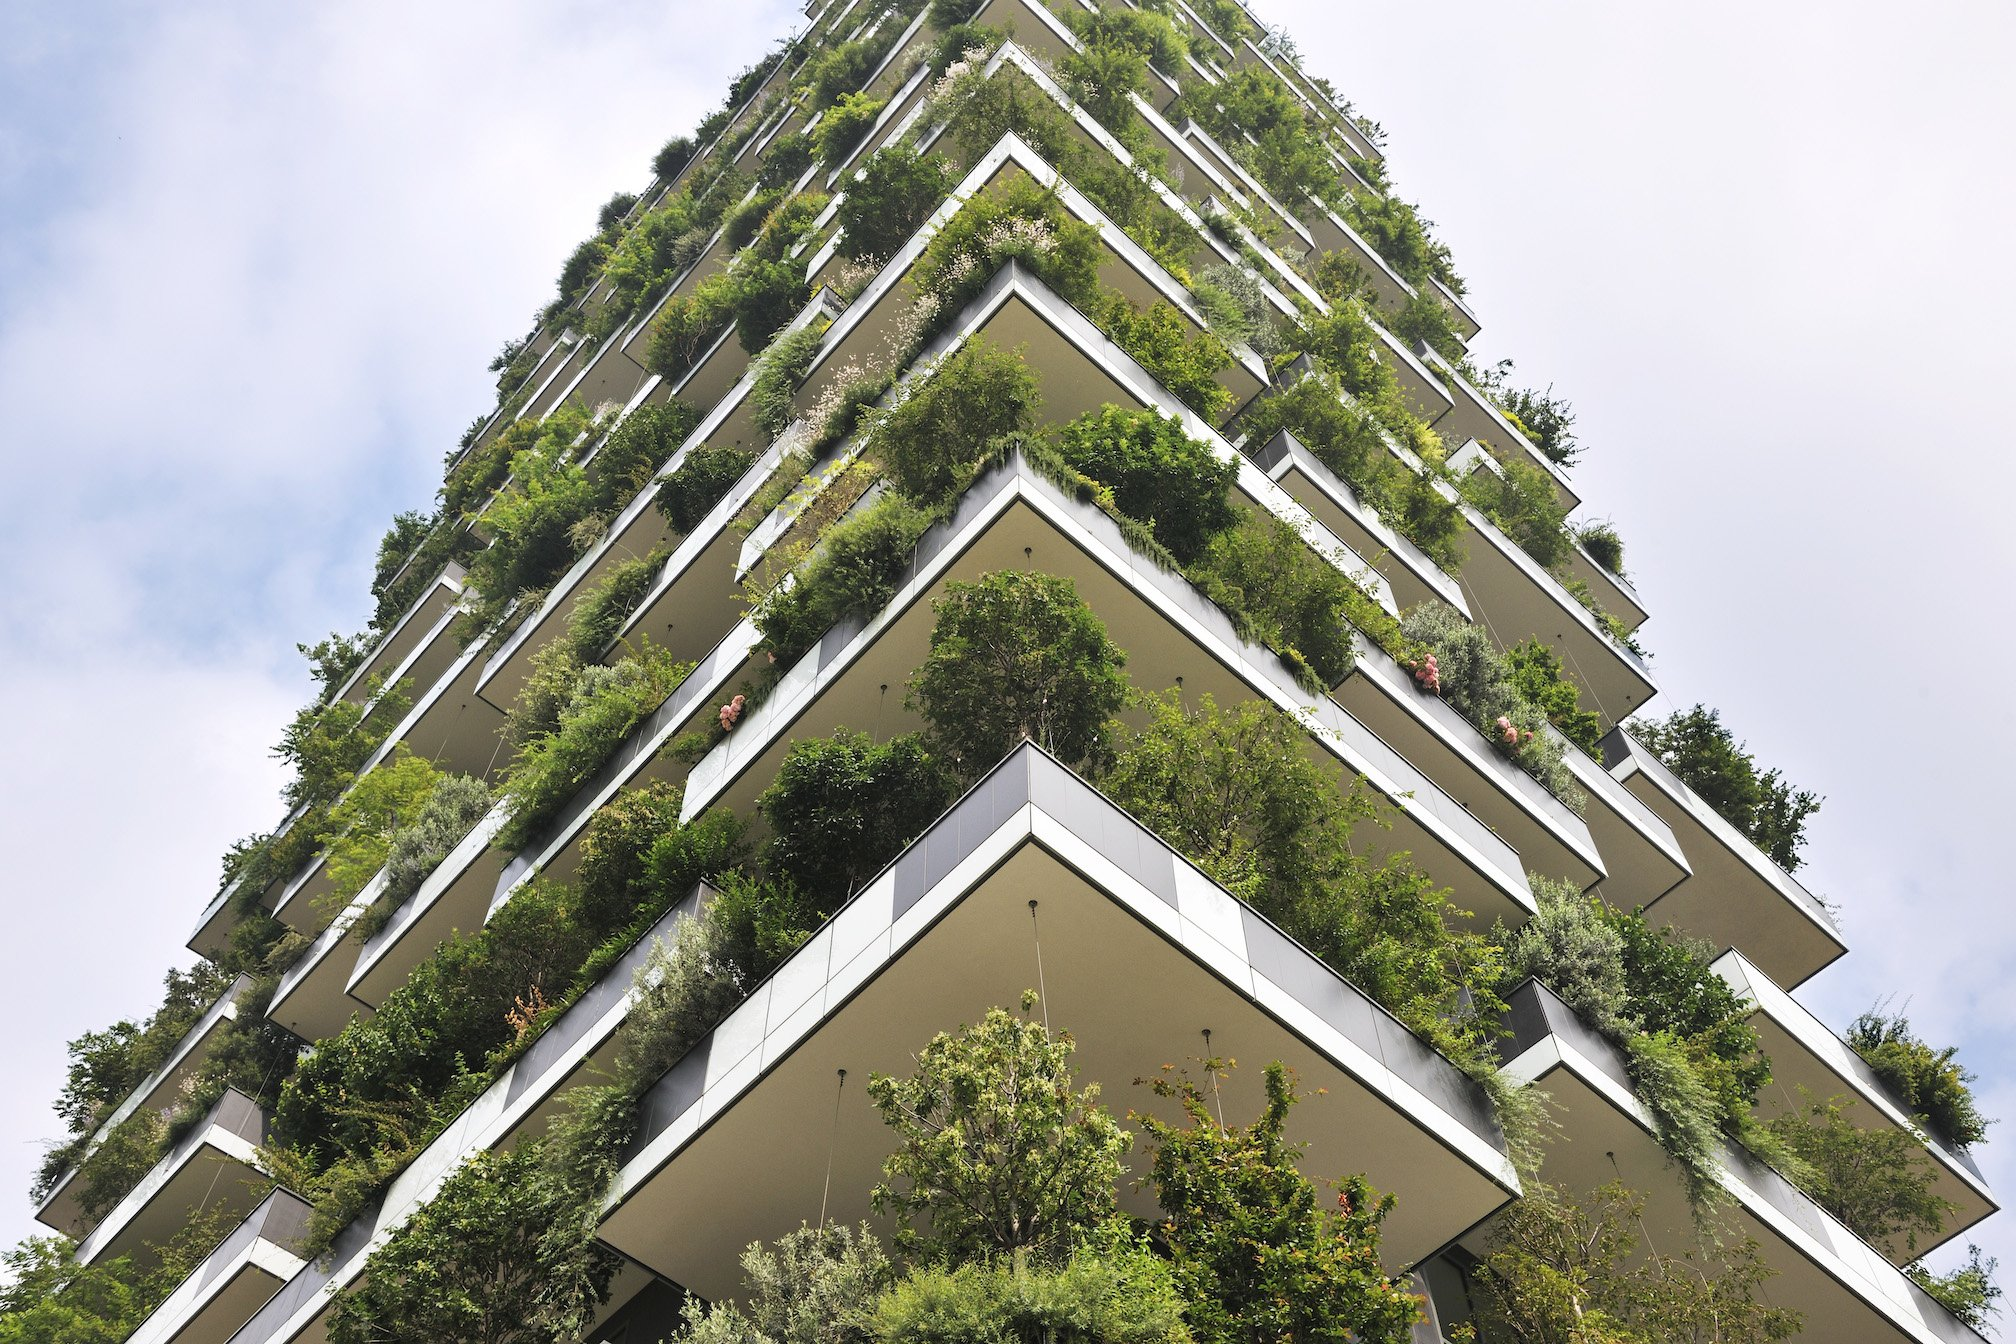 Il bosco verticale di stefano boeri il pi bel for Bosco verticale architetto